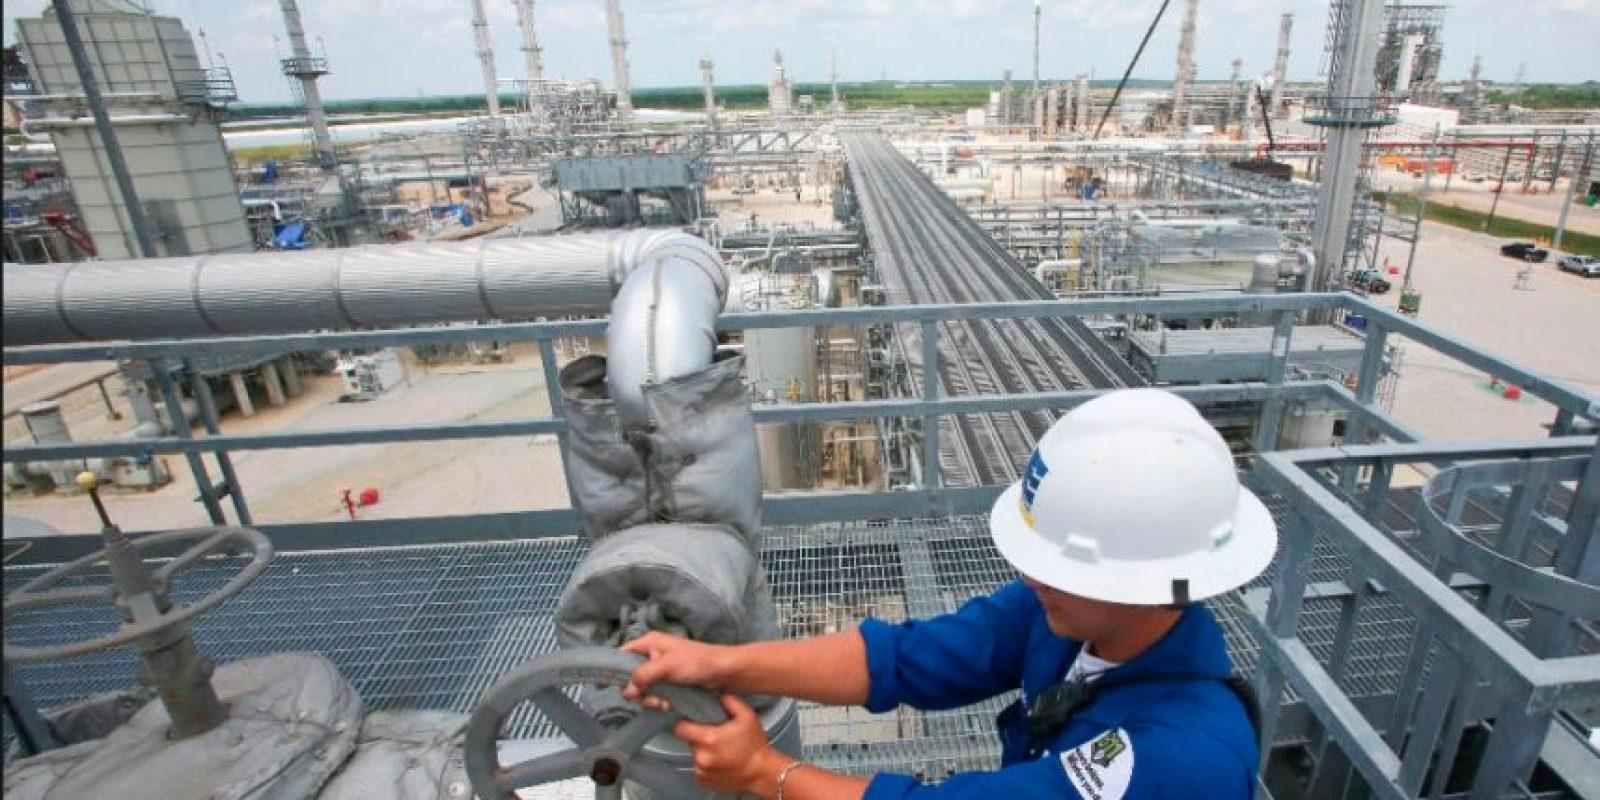 Su fortuna está valorada en 5 mil millones de dólares. Foto:Vía enterpriseproducts.com